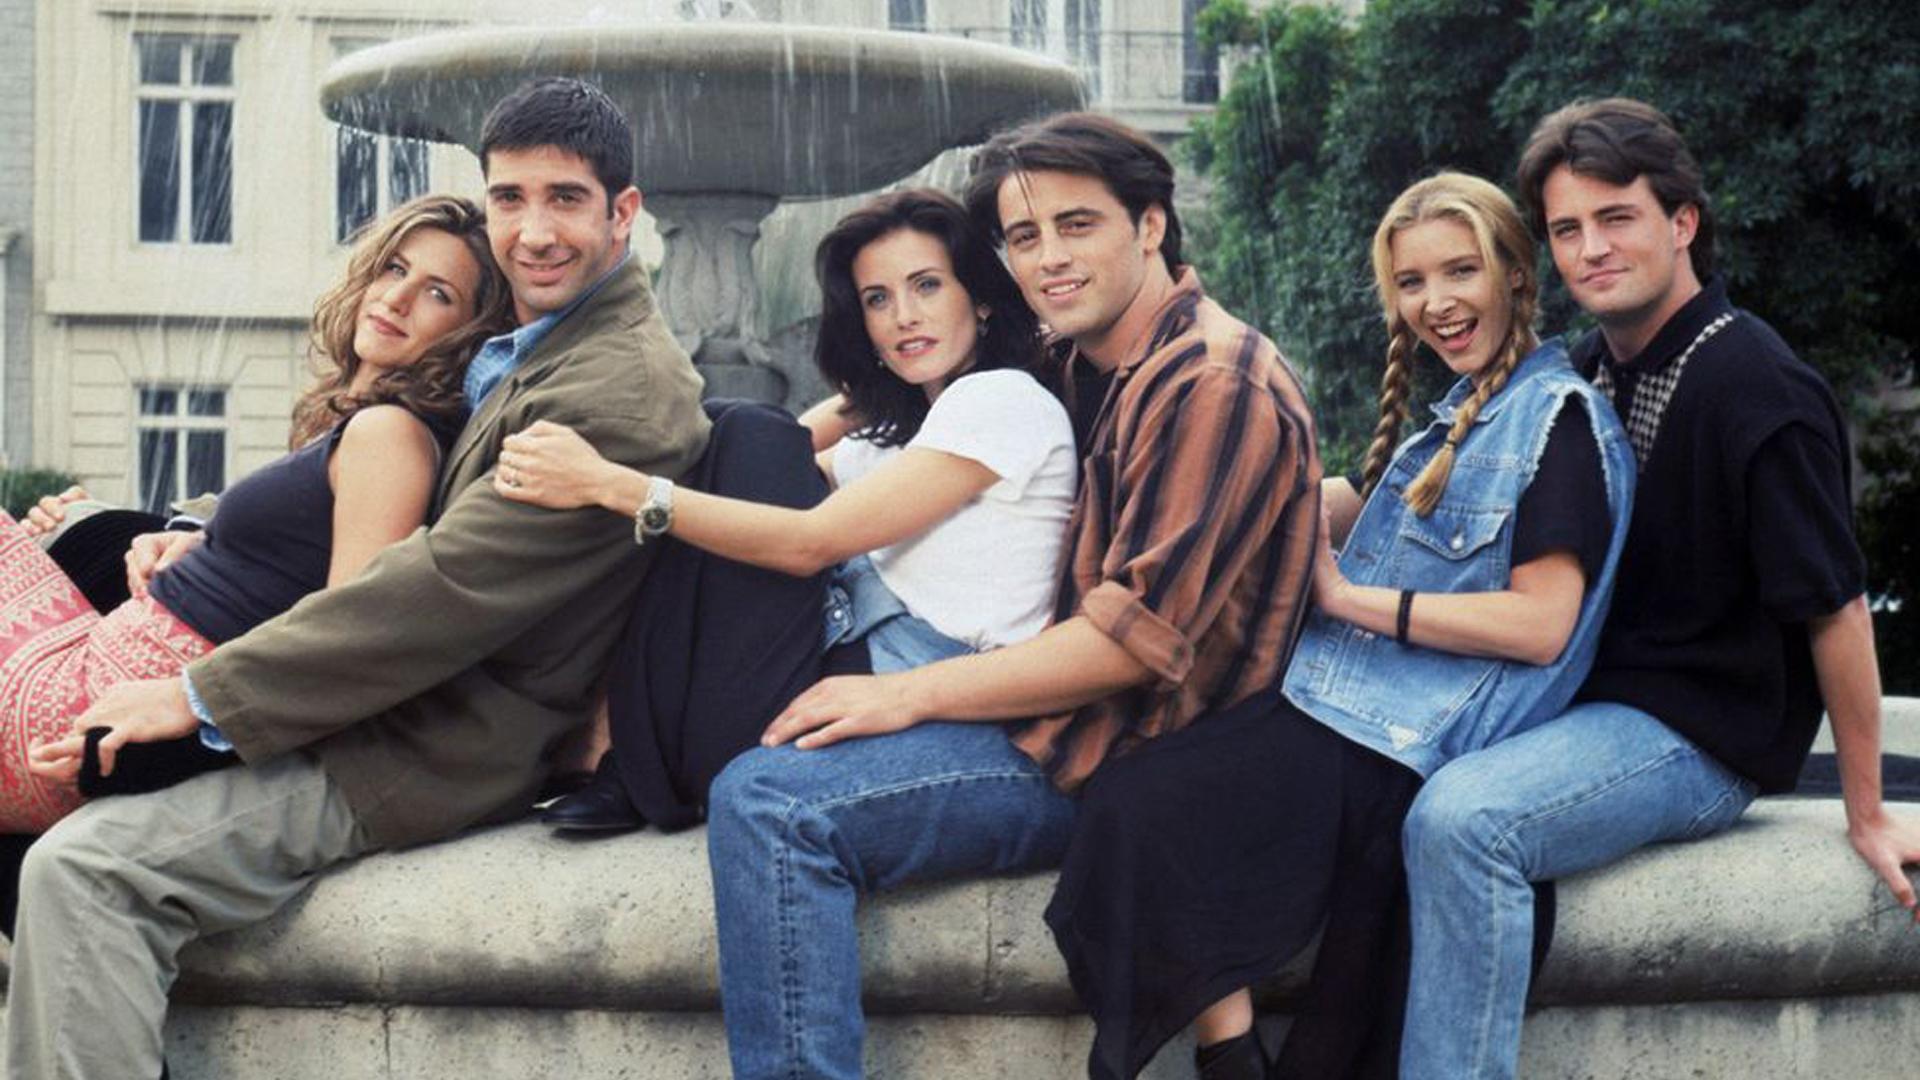 Friends özel bölümünün yayın tarihi belli oldu Friends Reunion için yayın tarihi açılandı. Friends dizisinin özel bölümü olan Reunion kısa süre sonra...